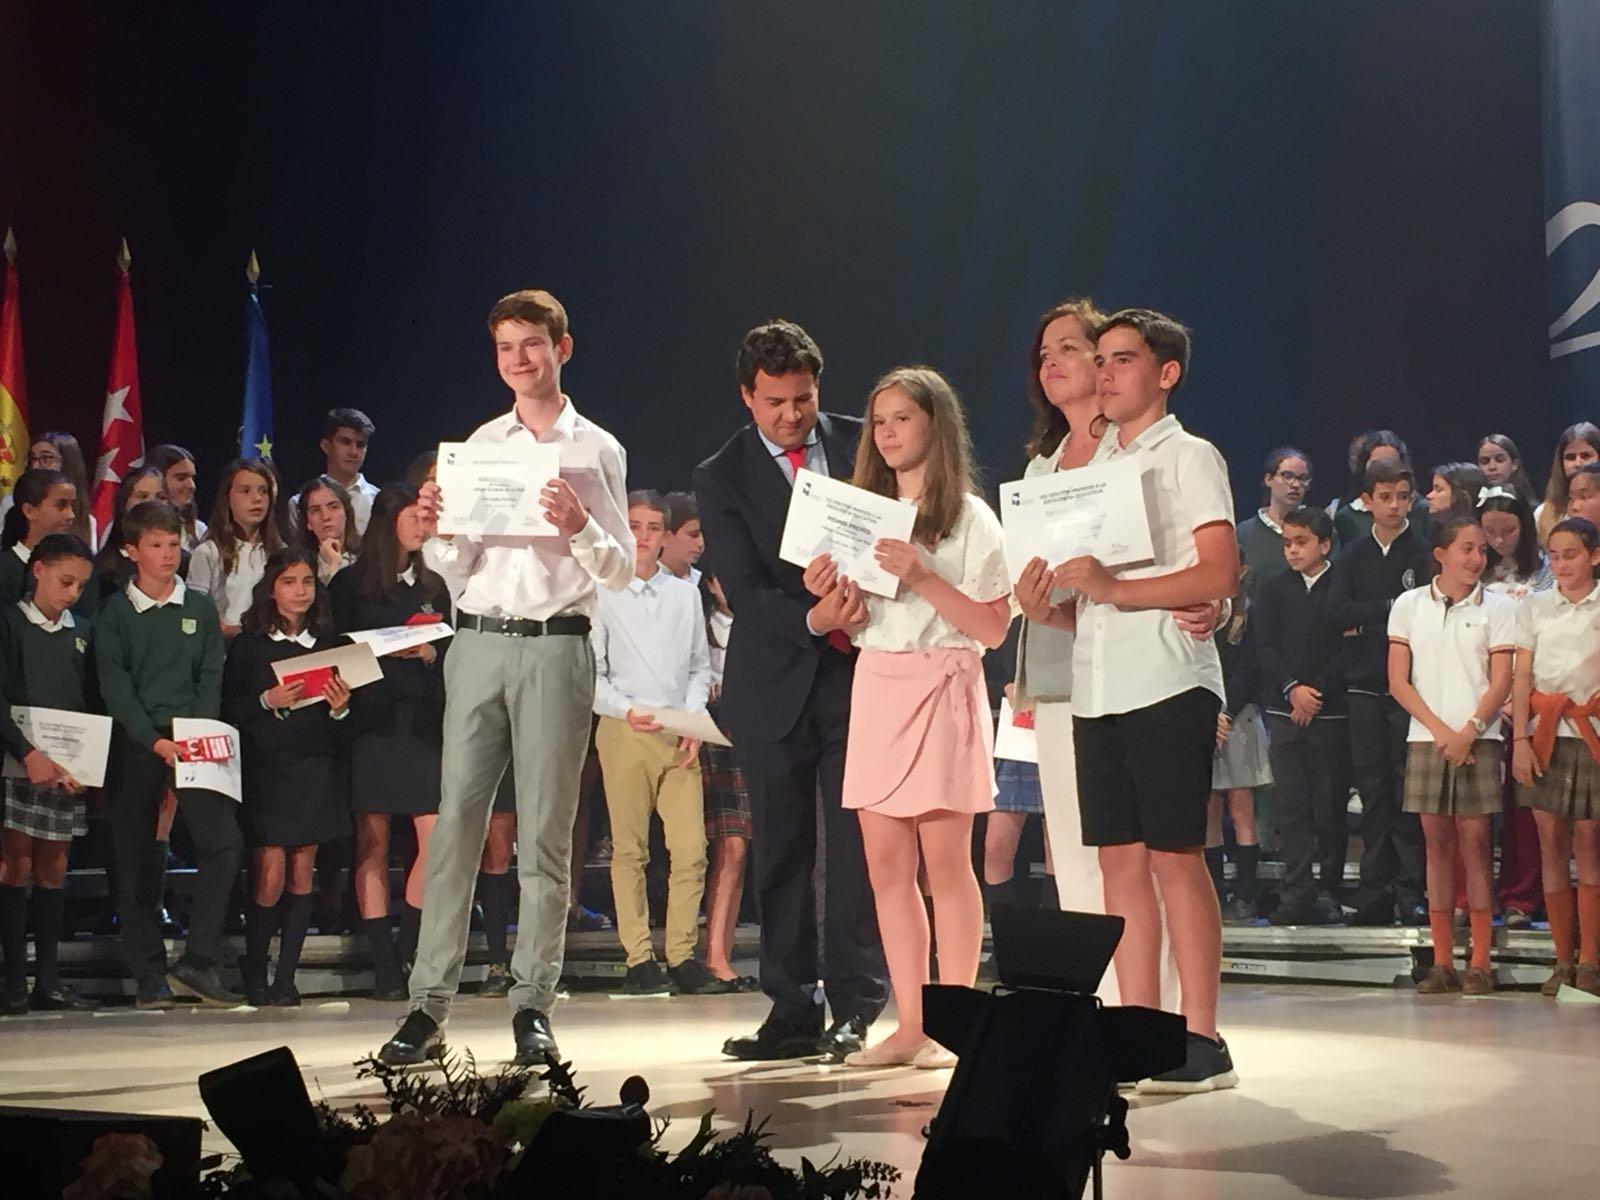 2018_06_14_Entrega de los Premios a la Excelencia Educativa 2018_CEIP FDLR_Las Rozas_Curso 2017-2018 14